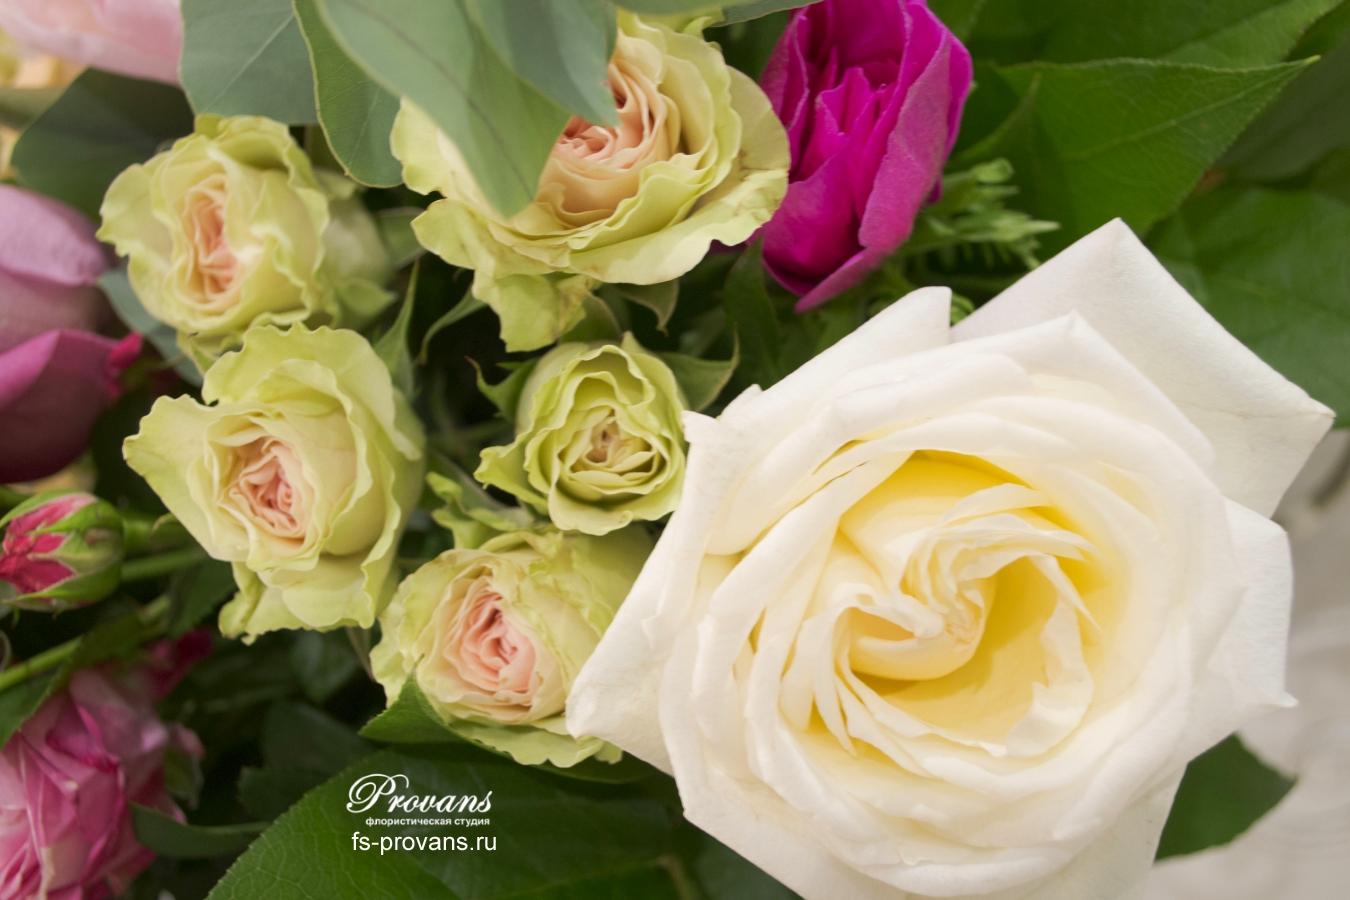 Букет на юбилей. Ароматные розы, пионы, анемоны